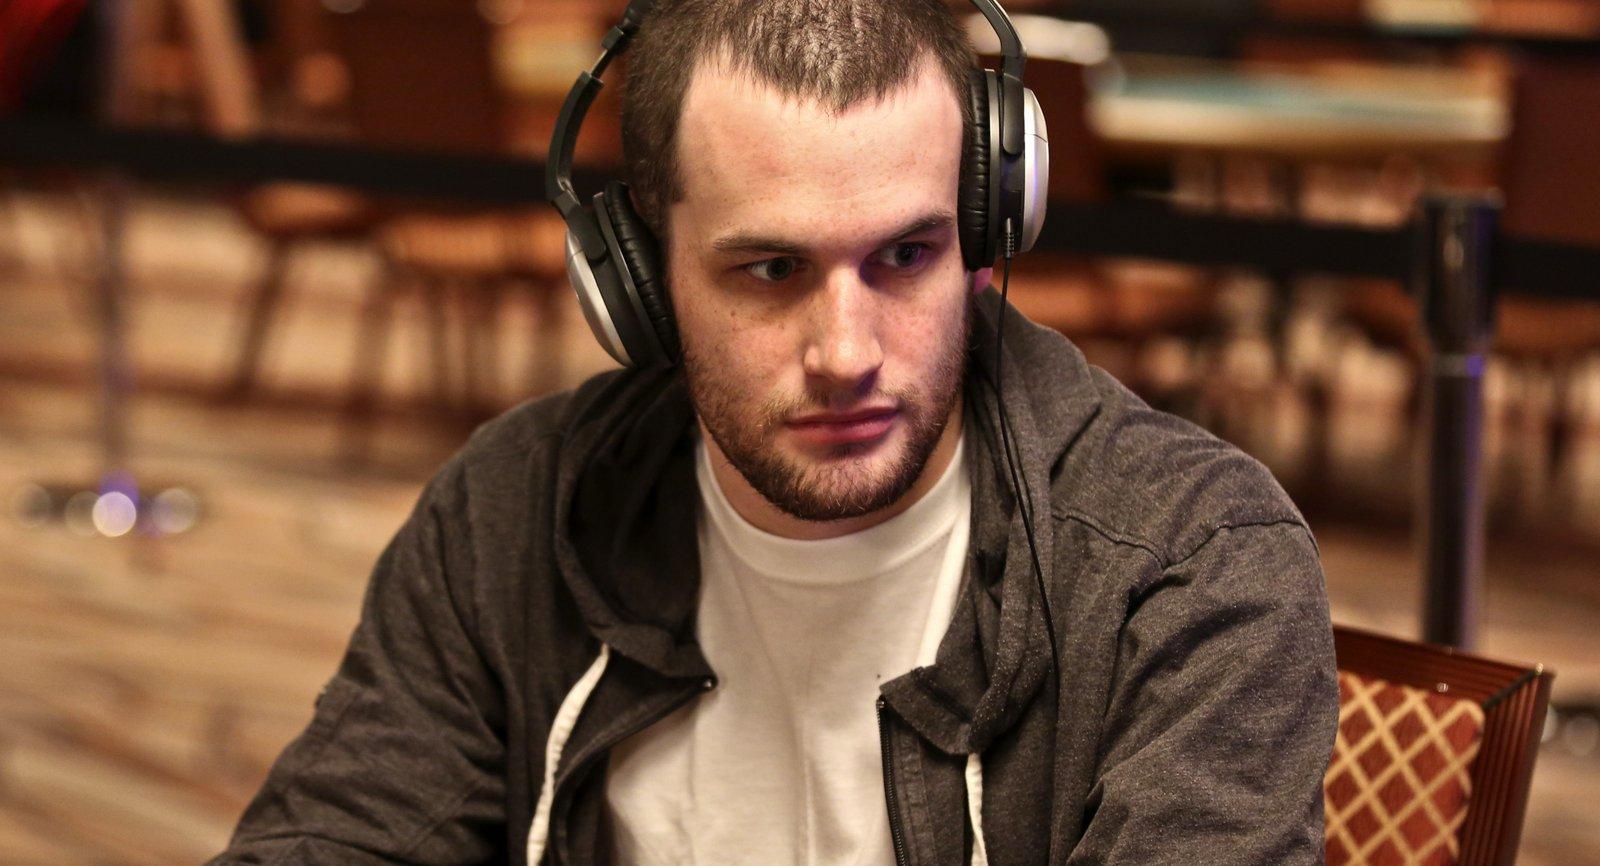 Joshua Bergman